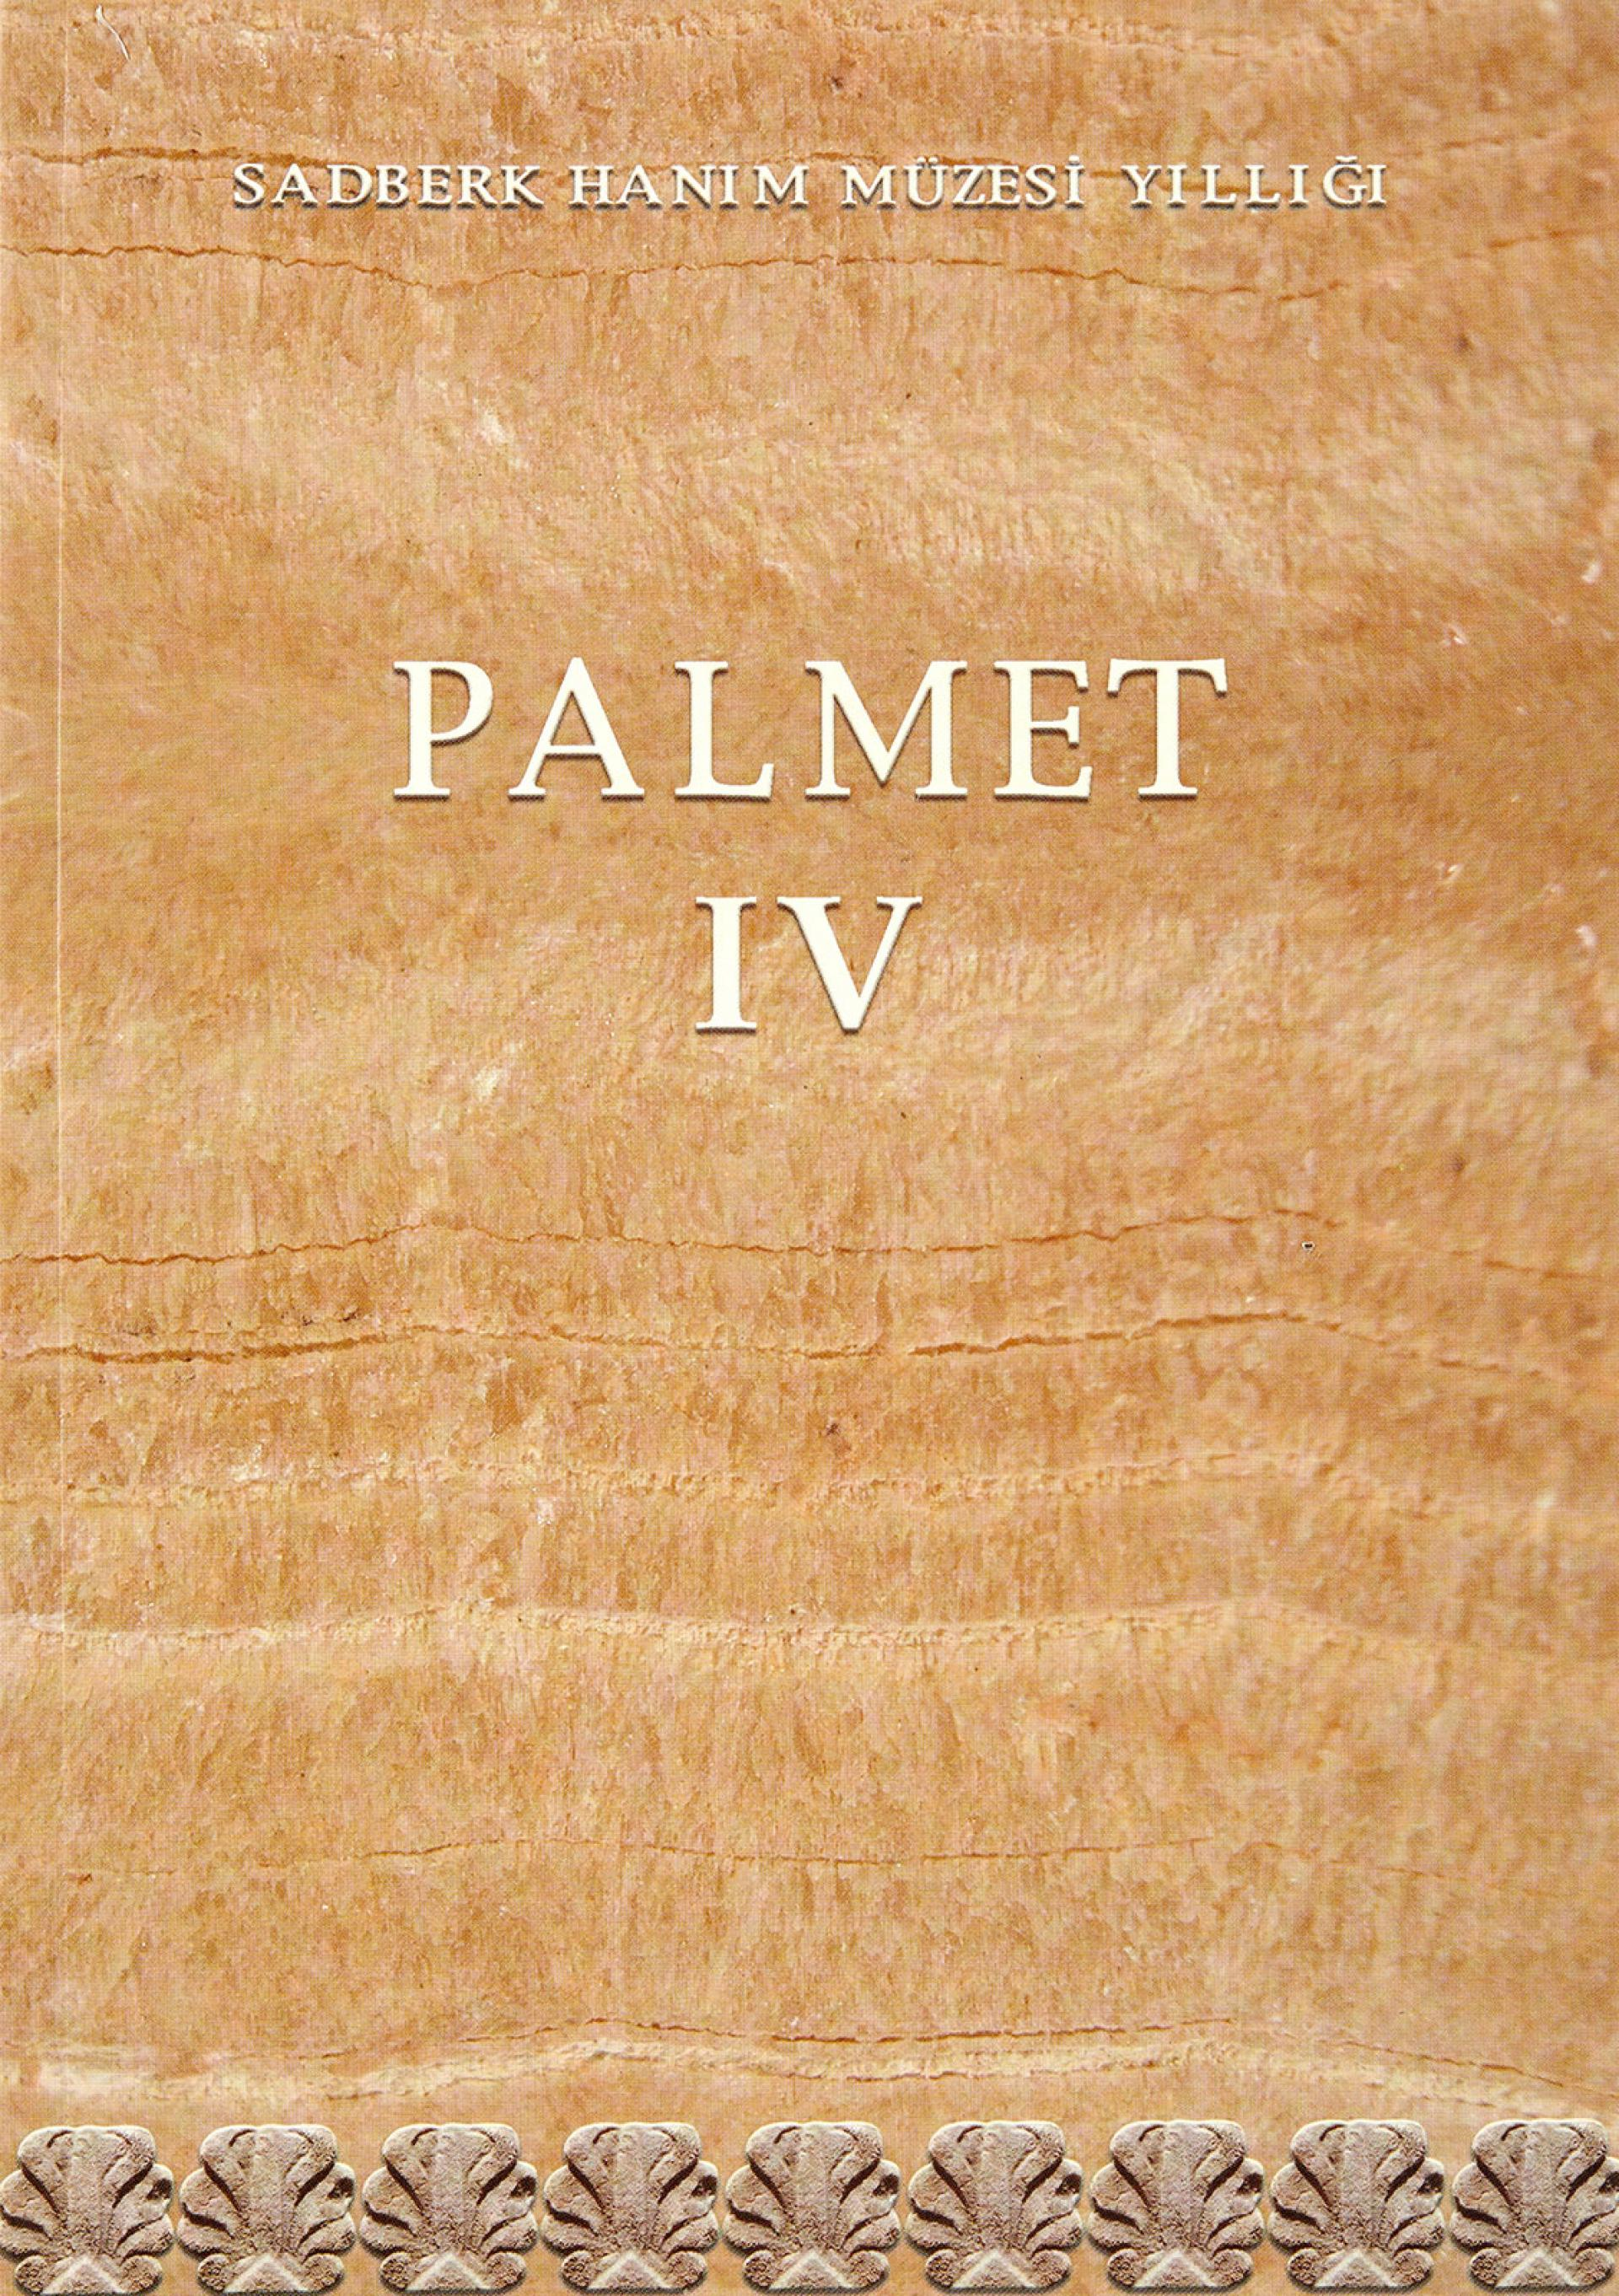 Palmet IV - Sadberk Hanım Müzesi Yıllığı - KİTAPLAR - Sadberk Hanım Müzesi